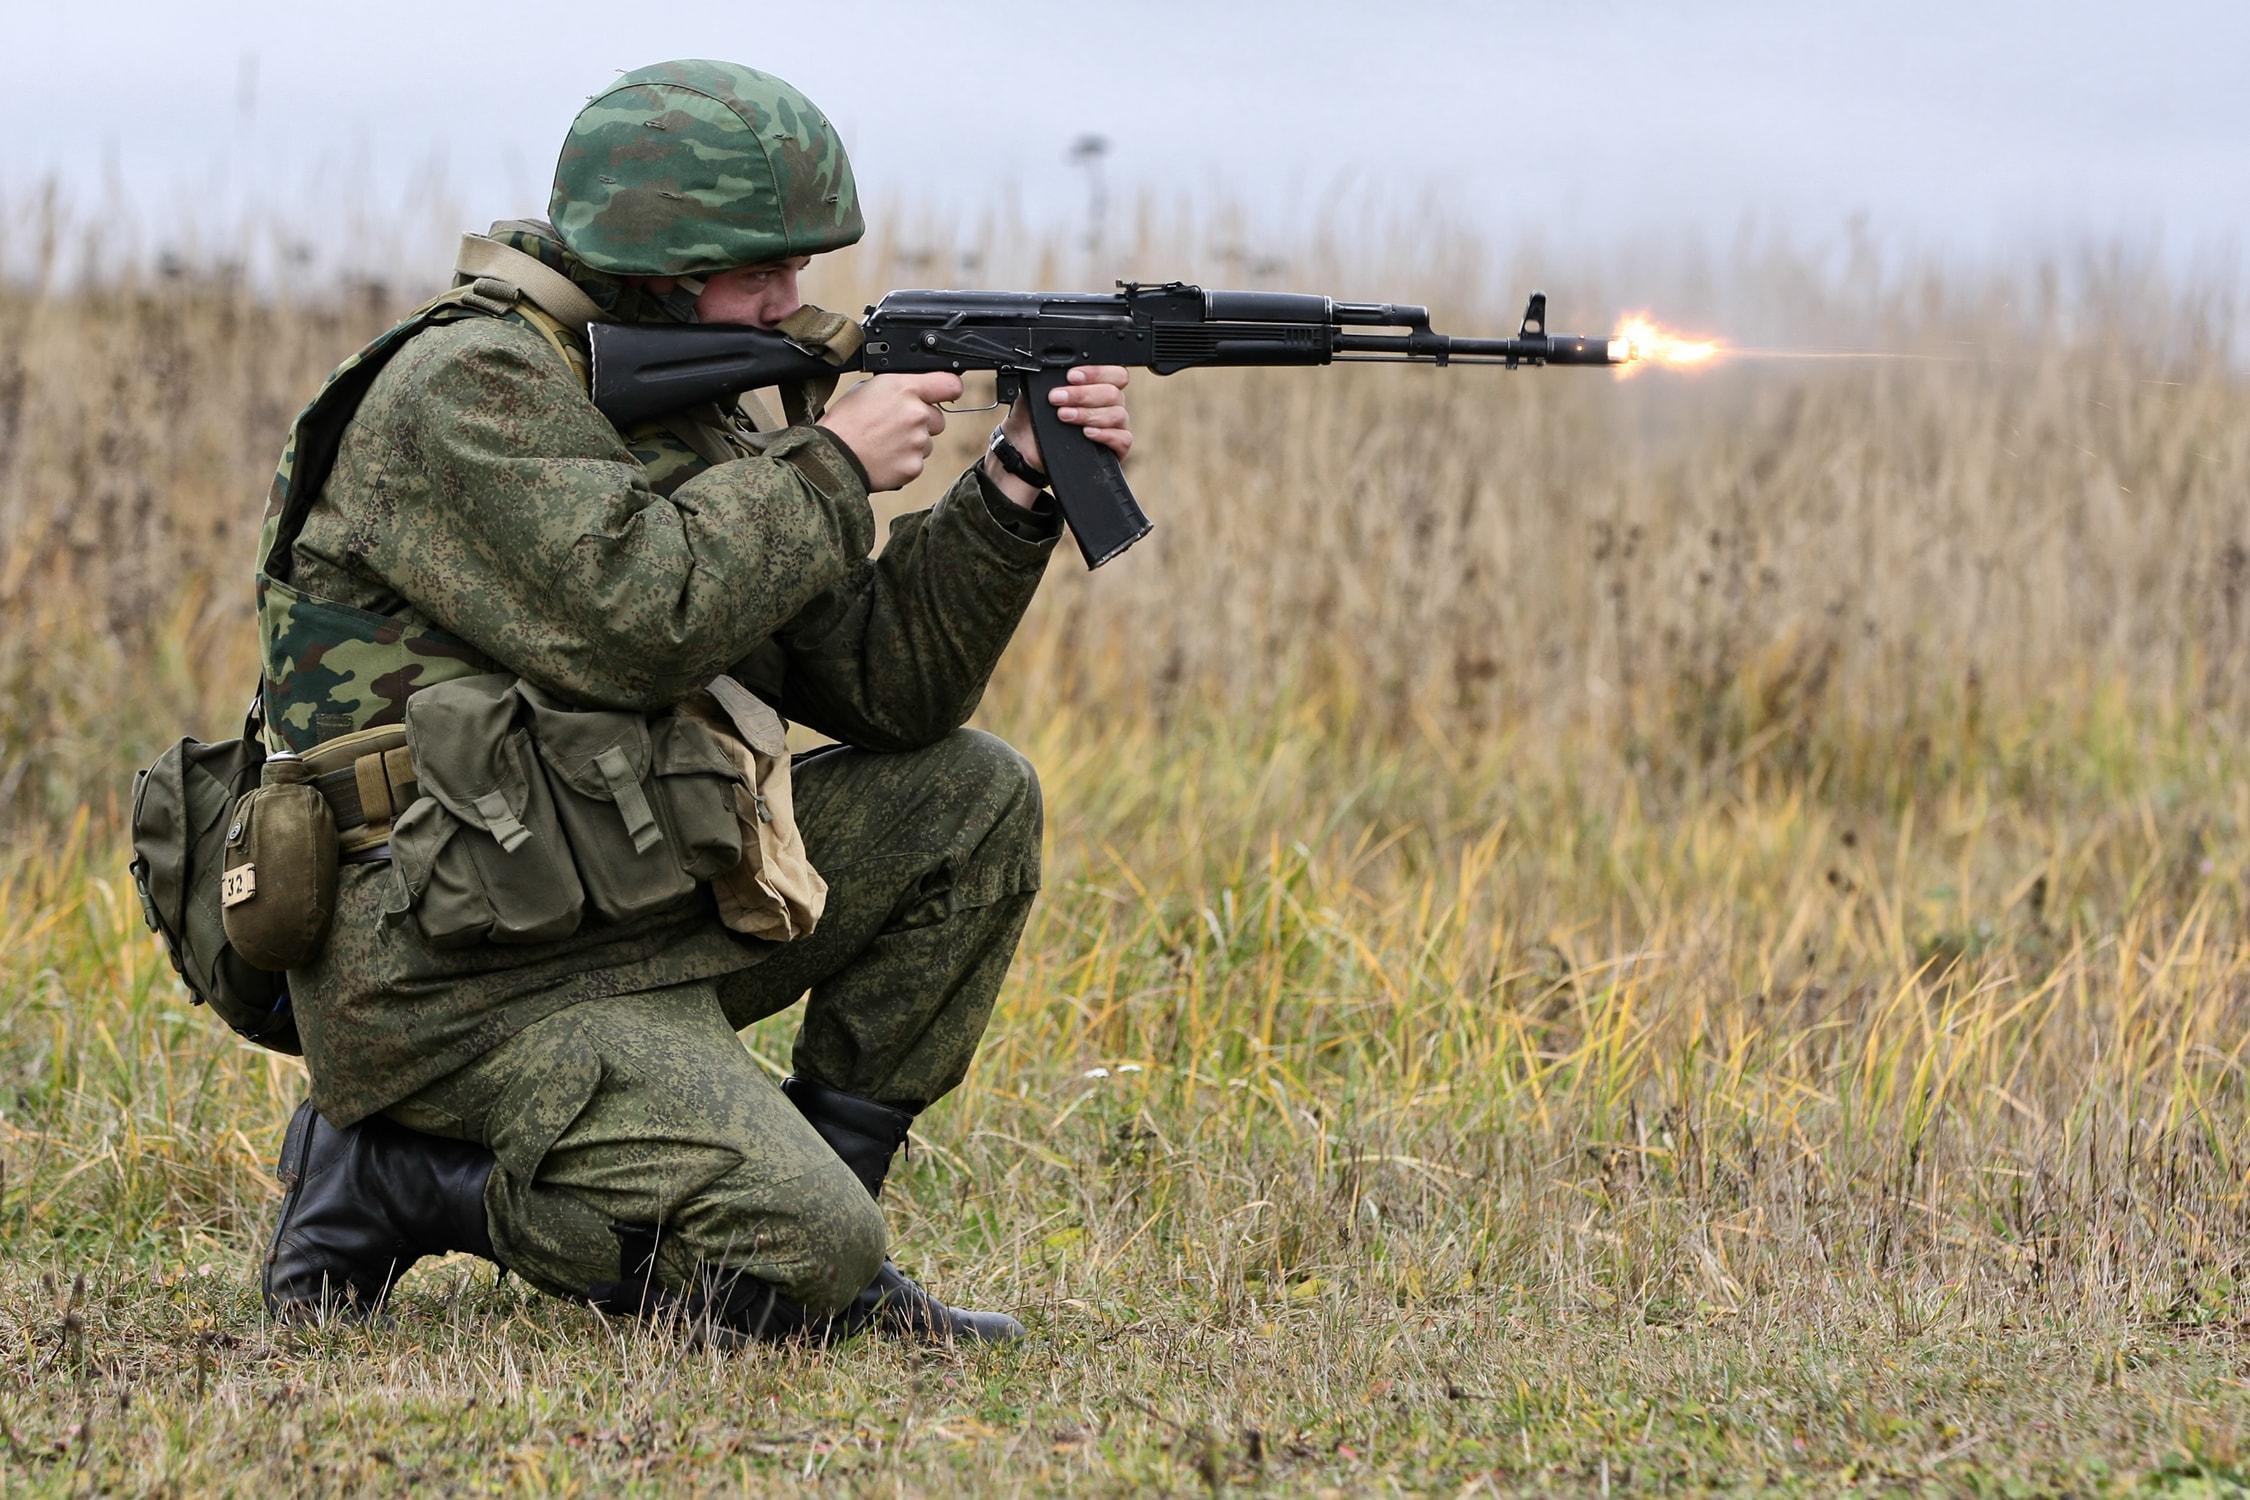 Soldado_Disparando